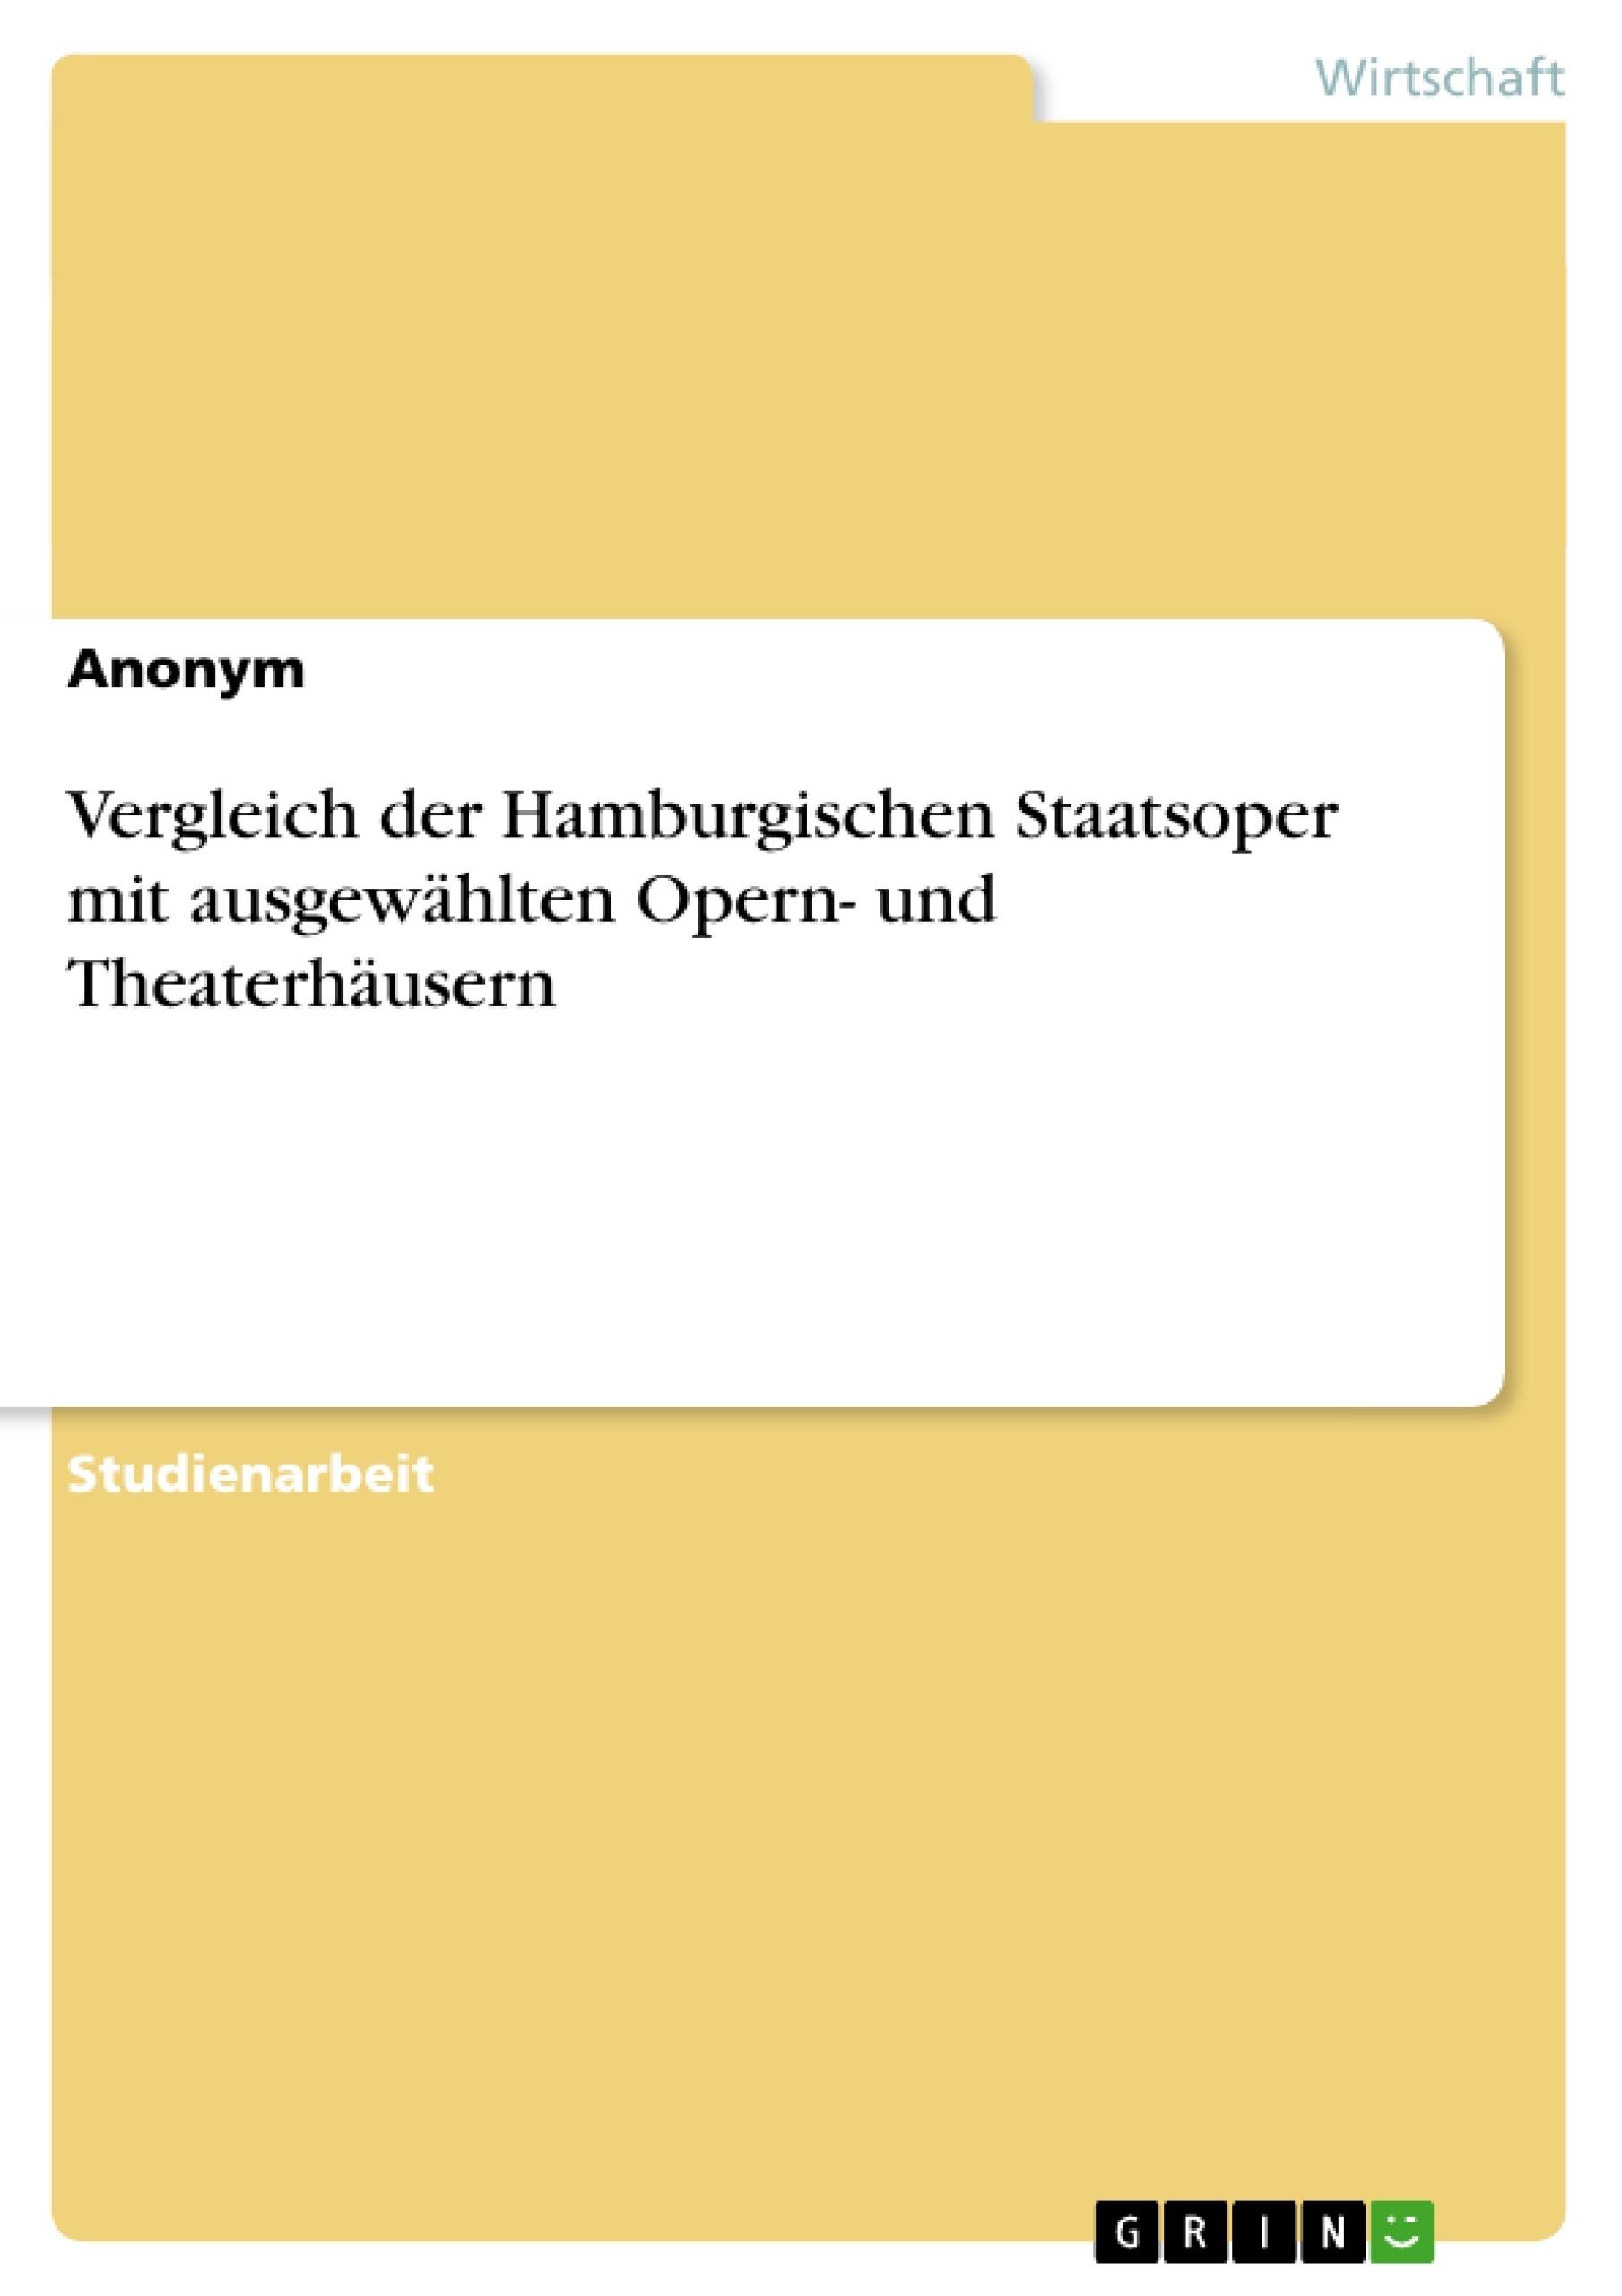 Titel: Vergleich der Hamburgischen Staatsoper mit ausgewählten Opern- und Theaterhäusern